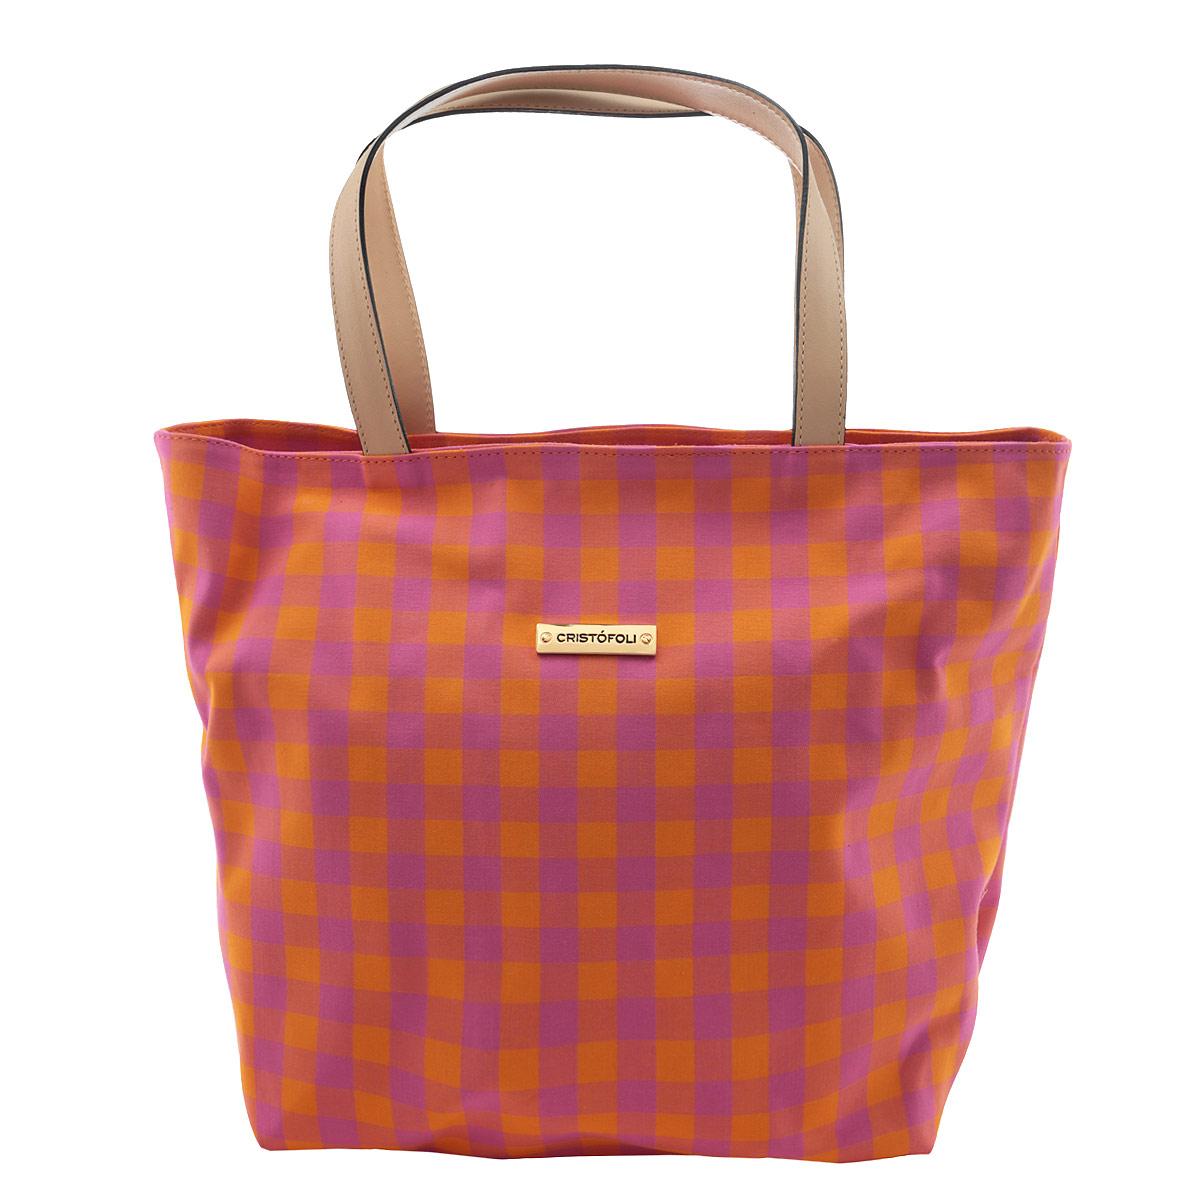 Сумка женская Cristofoli, цвет: оранжевый, розовый. 2150013210002Изысканная женская сумка Cristofoli выполнена из высококачественного текстиля. Сумка закрывается на металлическую застежку-молнию. Внутри - большое отделение и открытый накладной карман для мелочей.Эта оригинальная сумка внесет элегантные нотки в ваш образ и подчеркнет ваше отменное чувство стиля.